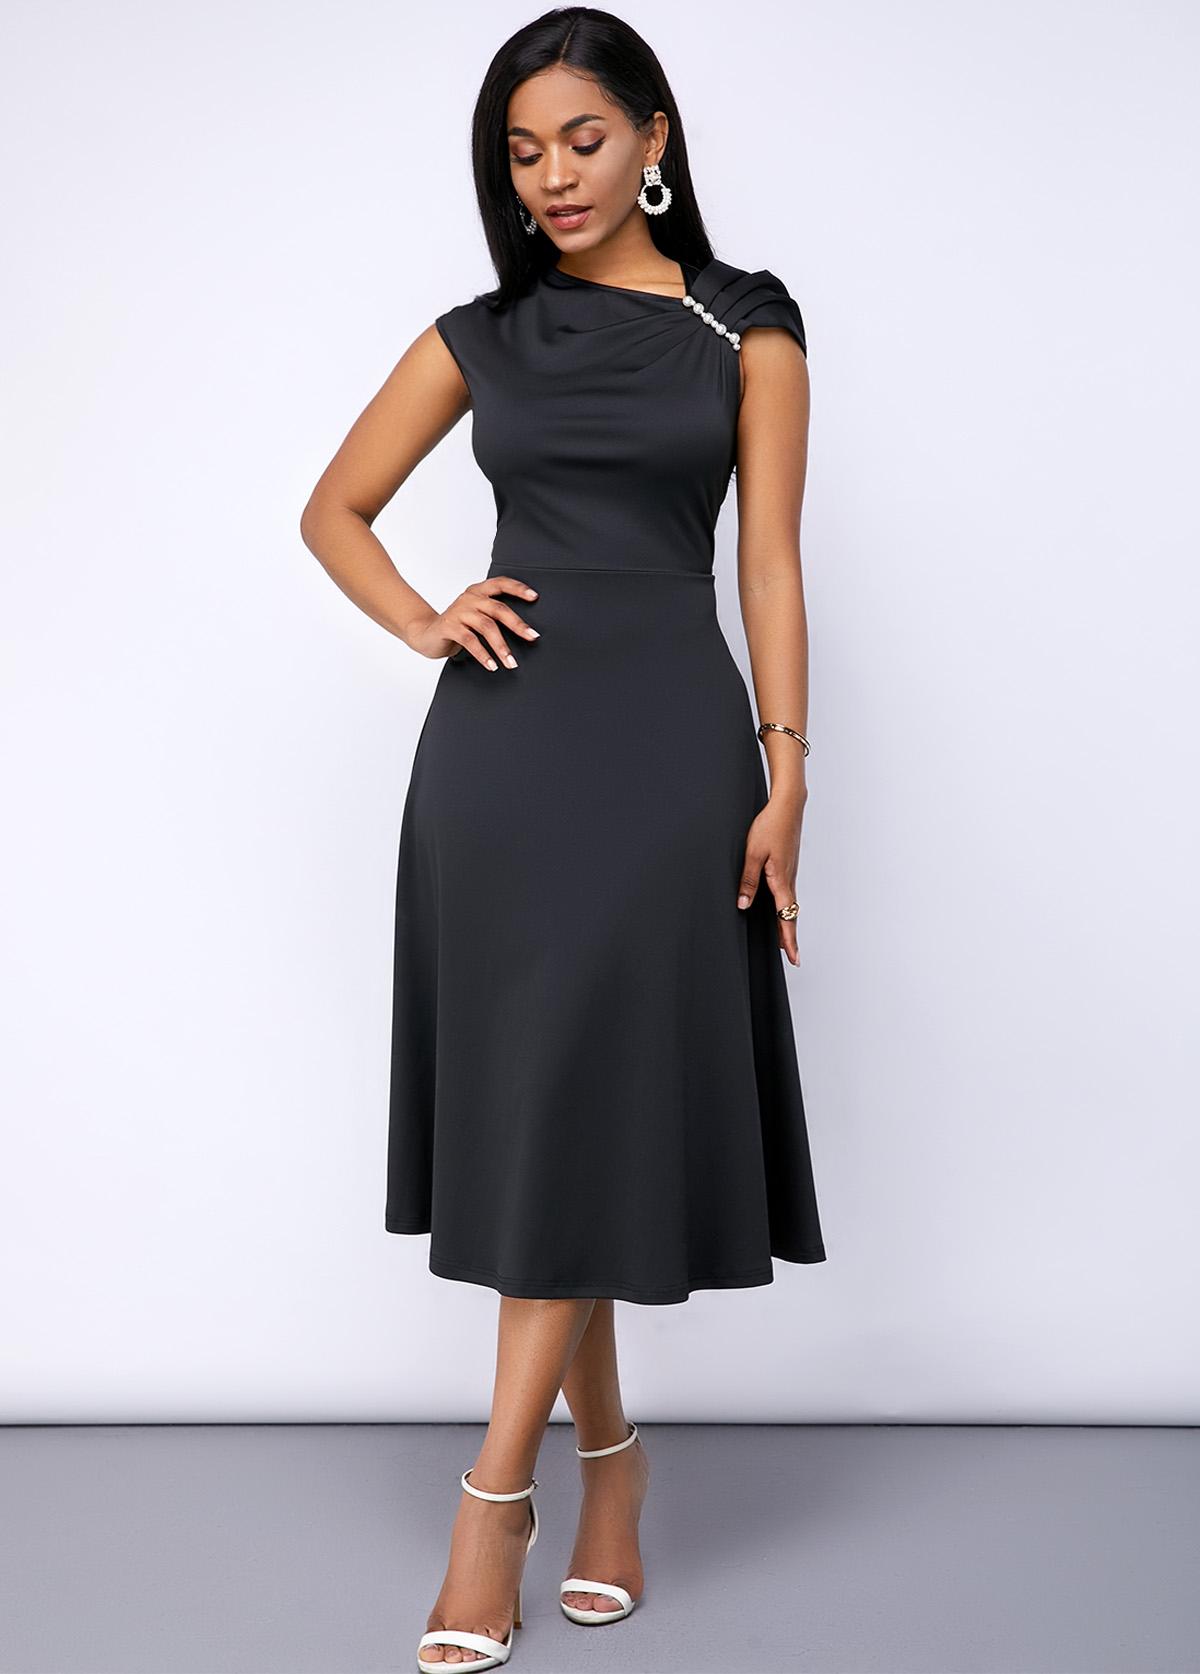 Shirred Shoulder Black Cap Sleeve Dress